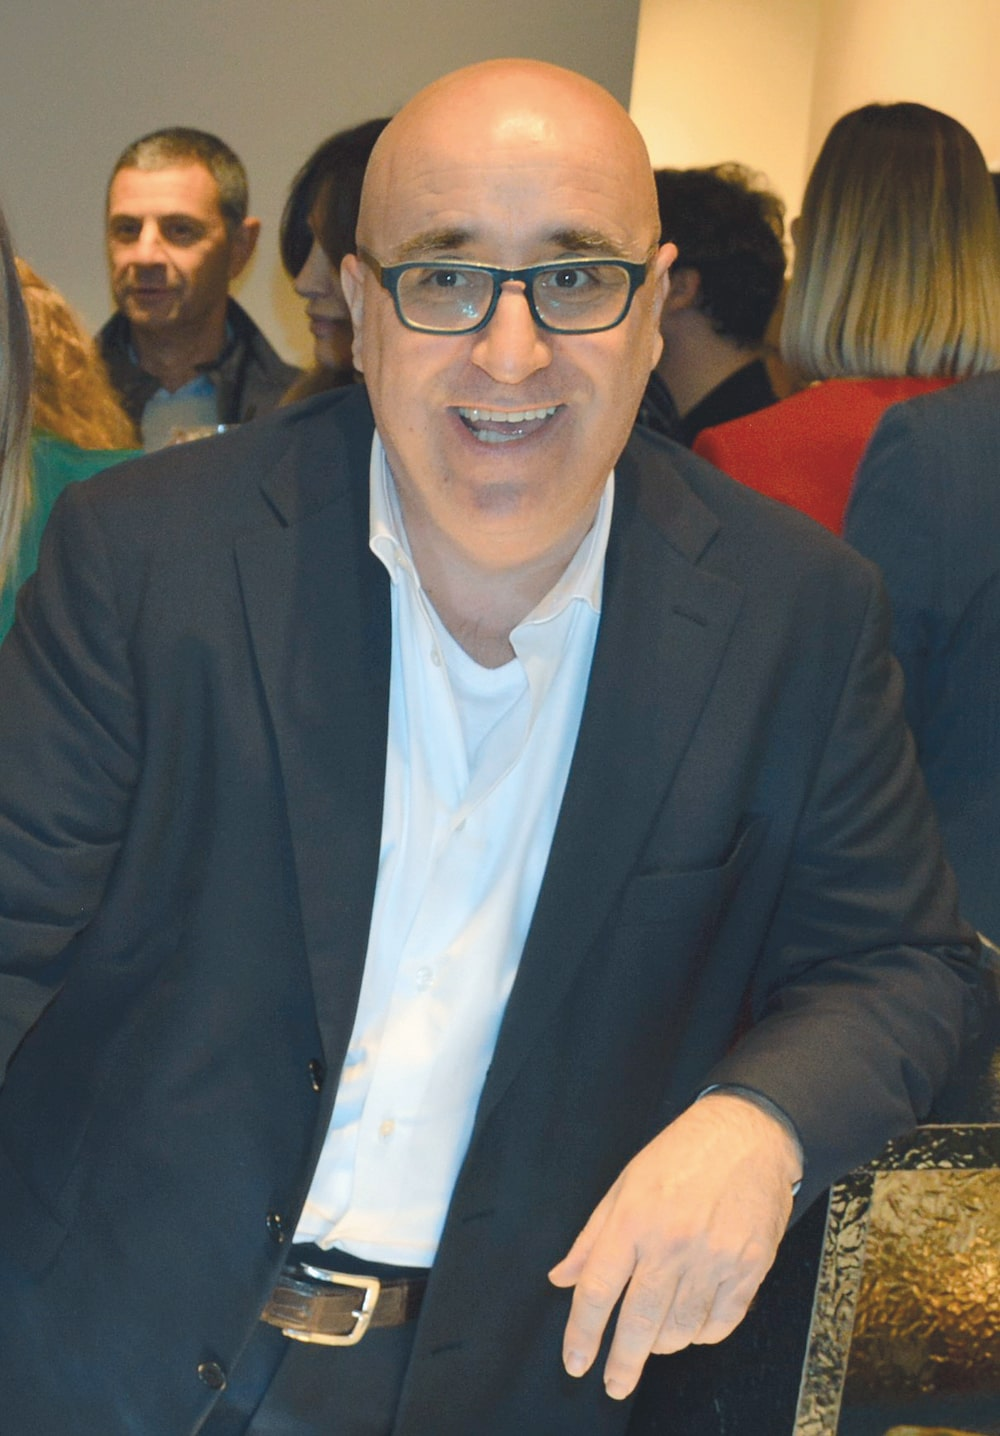 Fabio-aradori-edil-2000